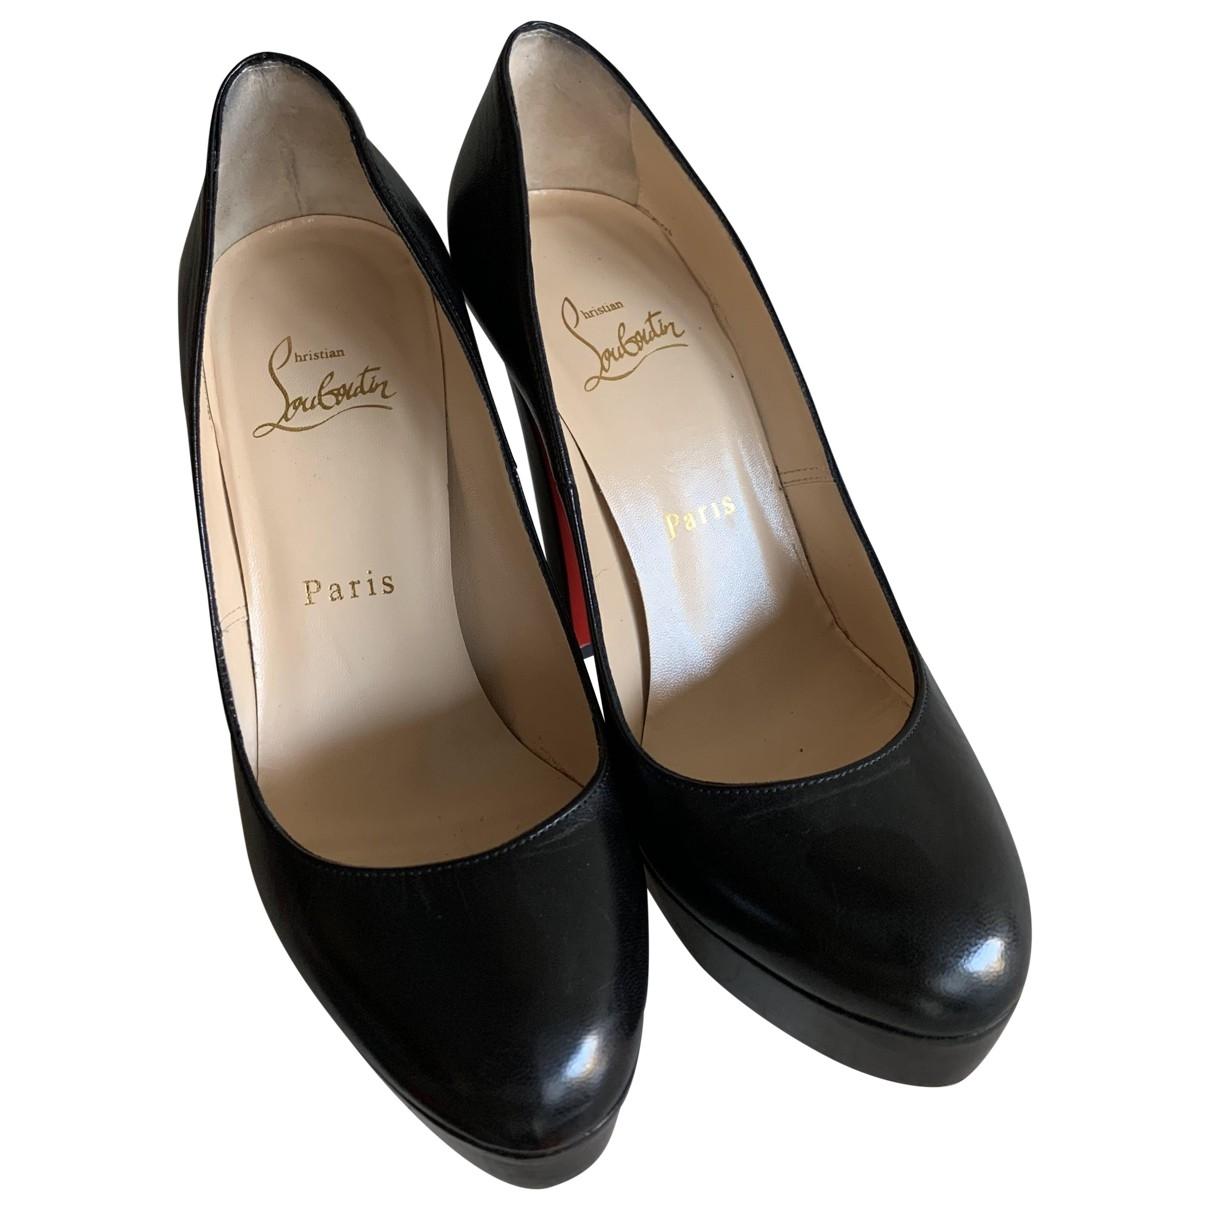 Christian Louboutin Bianca Black Leather Heels for Women 36.5 EU